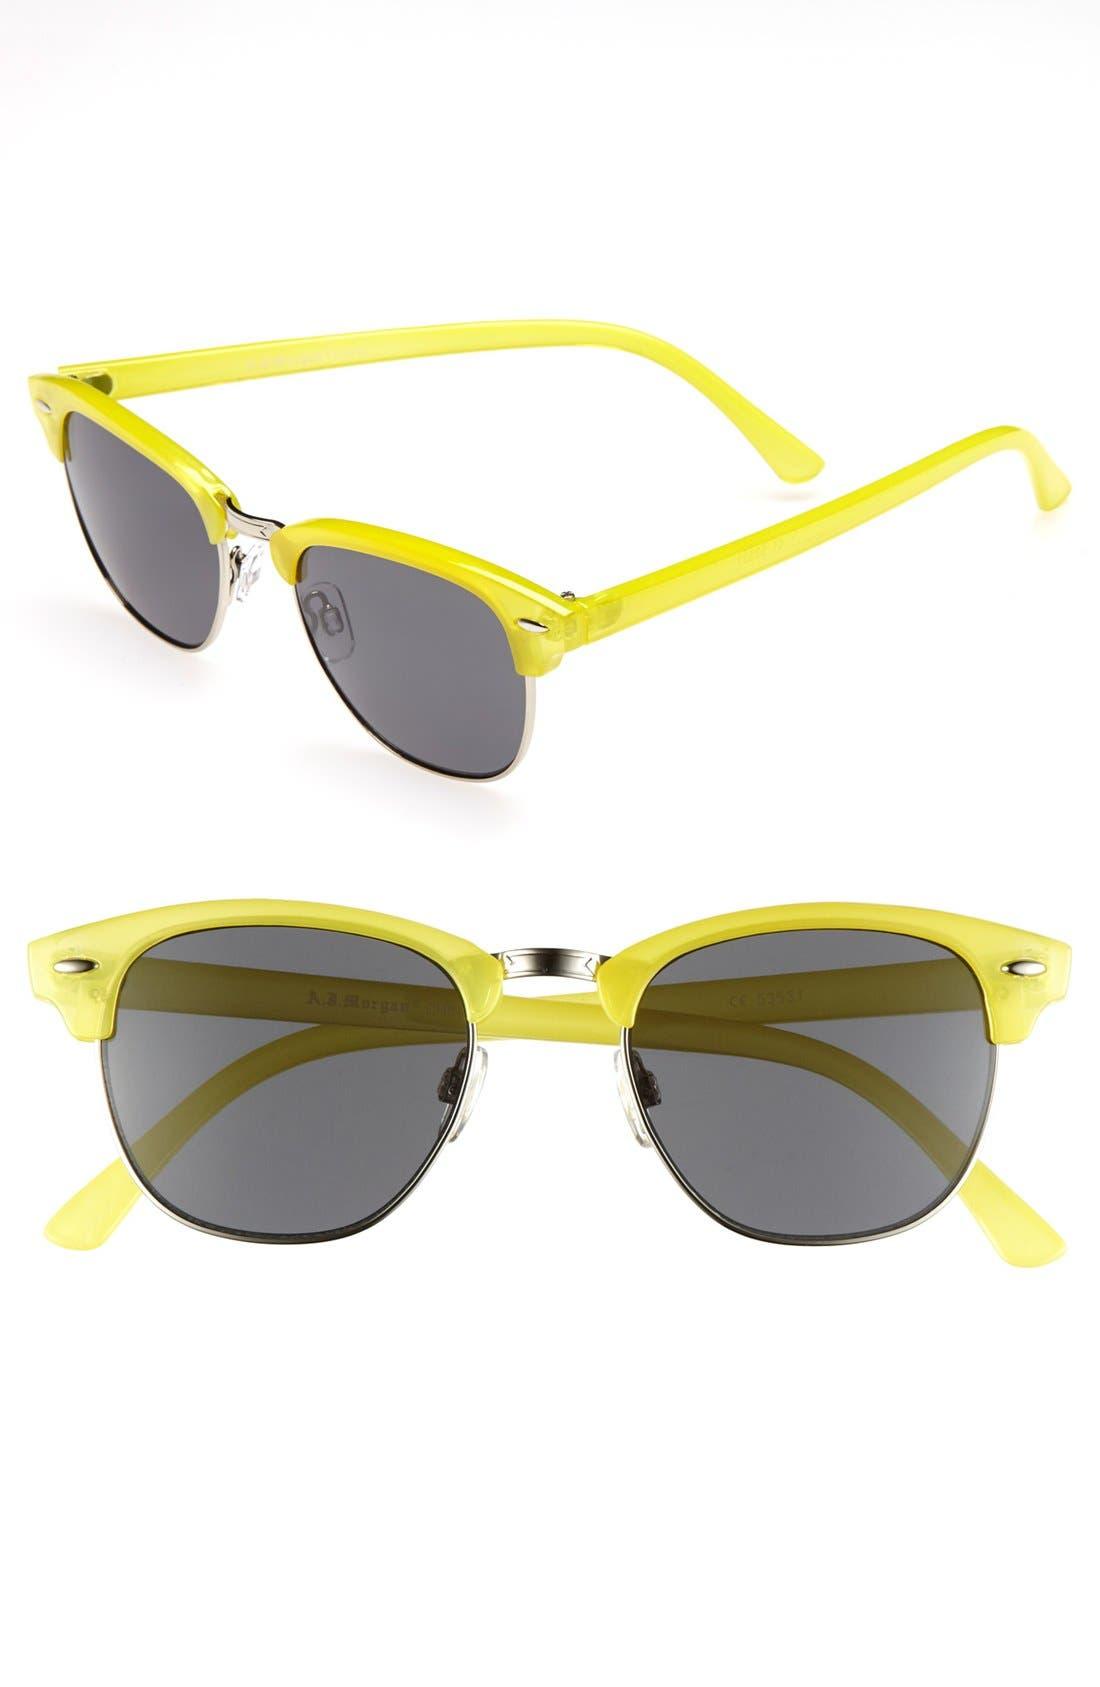 Main Image - A.J. Morgan 'Sorbet' Sunglasses